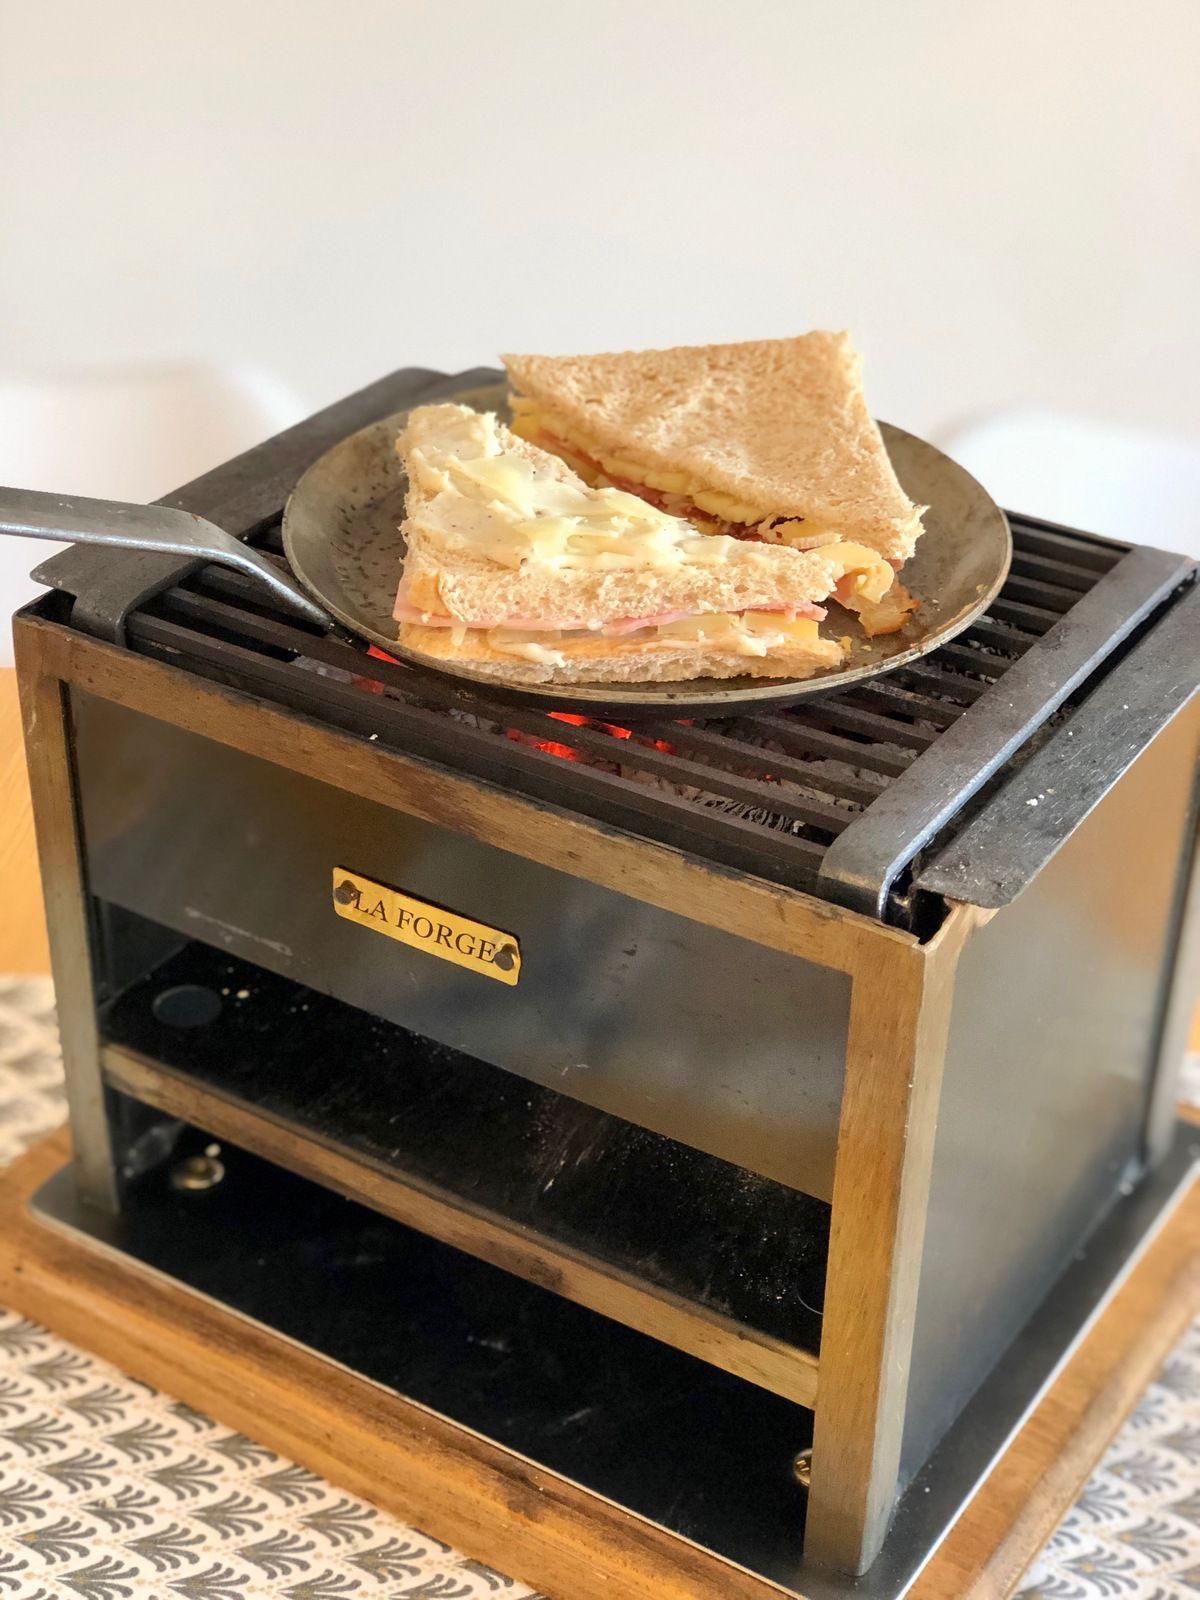 Il est aussi possible de mettre quelques minutes les croques sur la partie haute de l'appareil, afin de commencer la cuisson, et griller les pains du dessous.